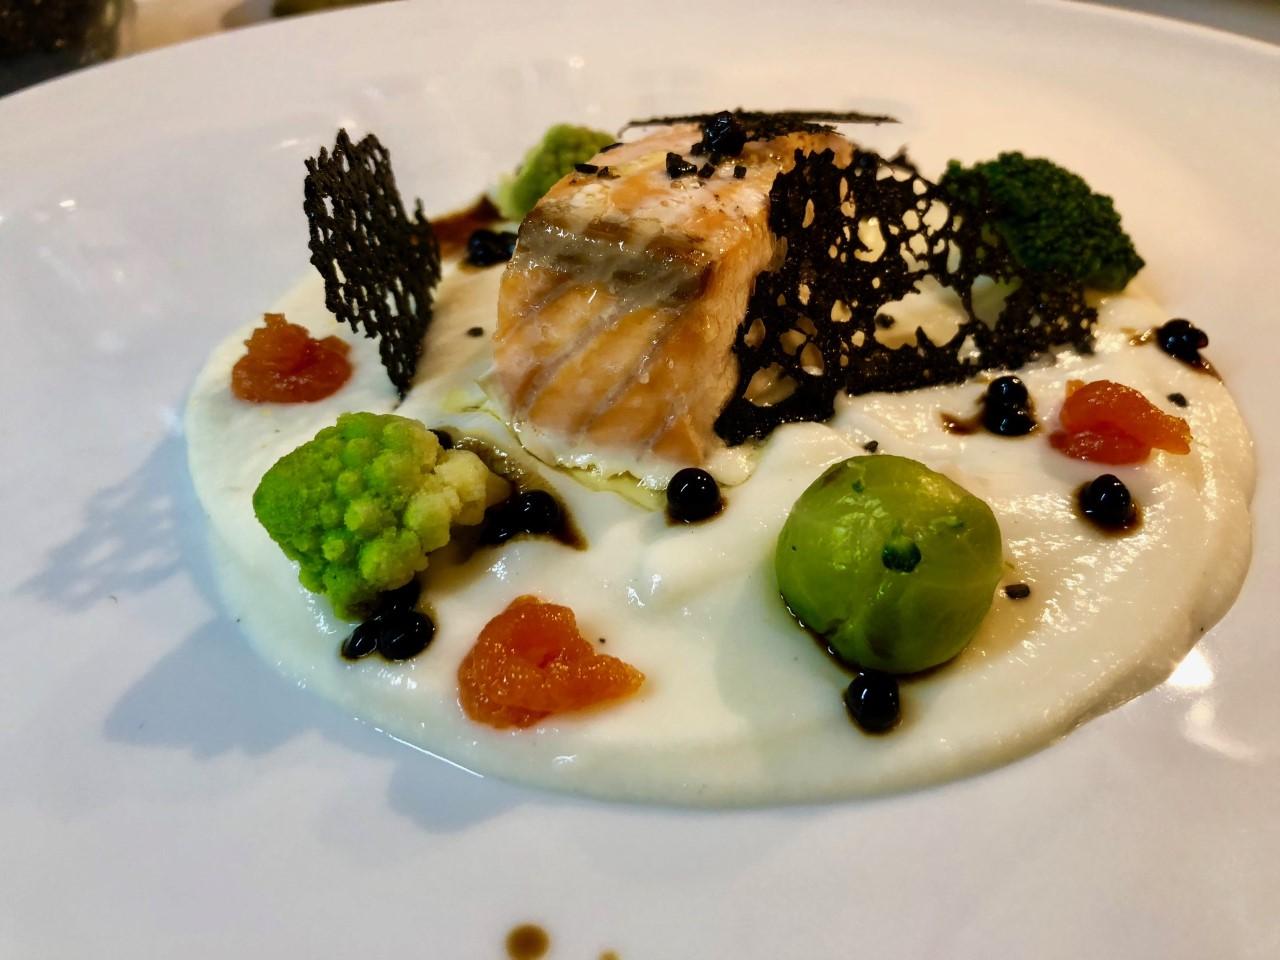 Salmone su vellutata di cavolo bianco senza lattosio